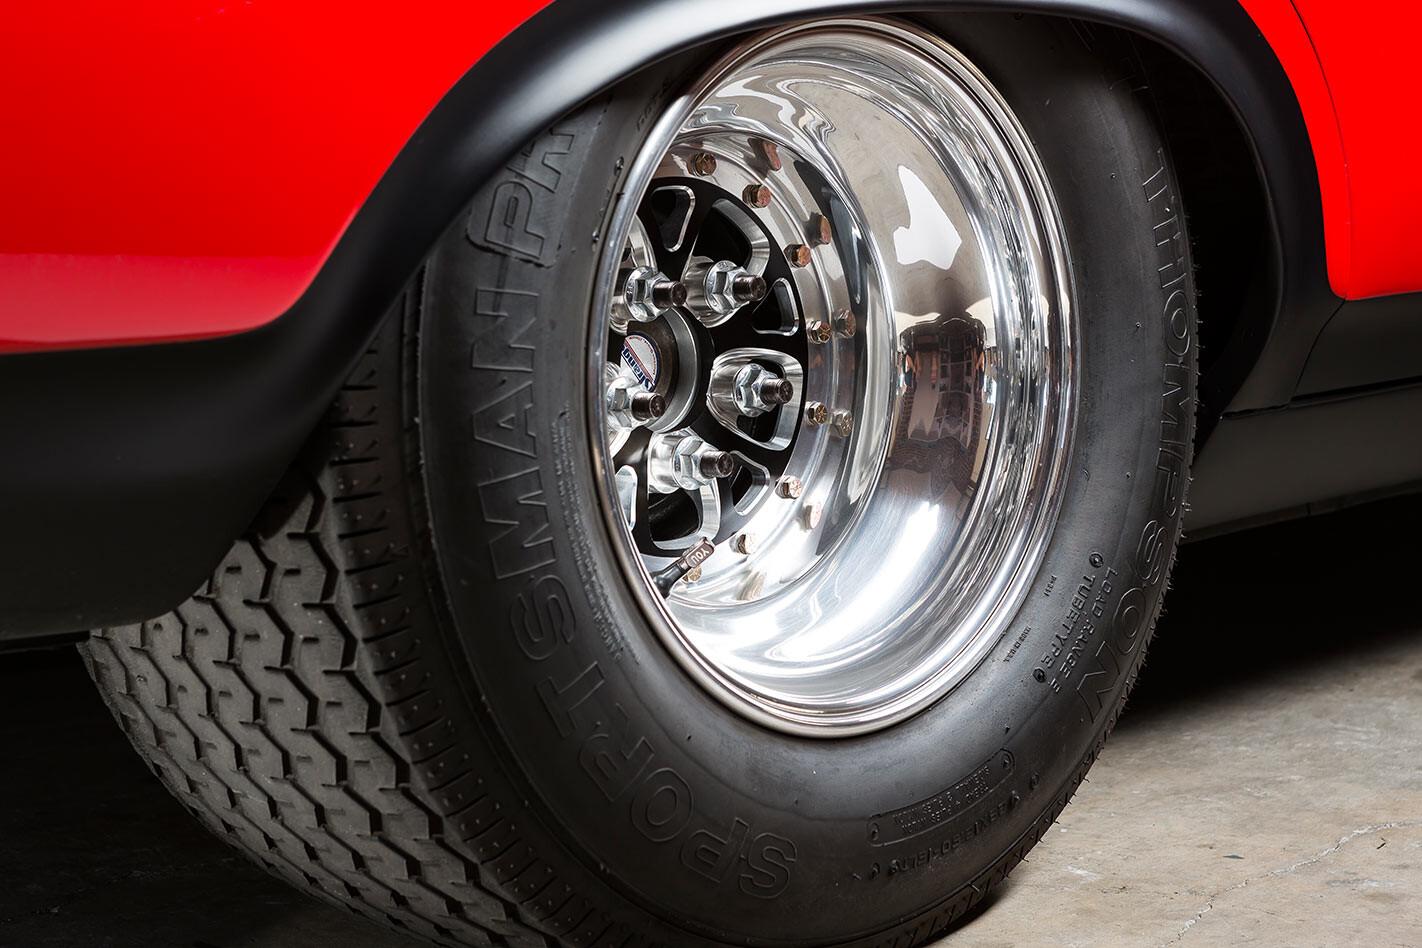 Ford Falcon XA coupe rear wheel